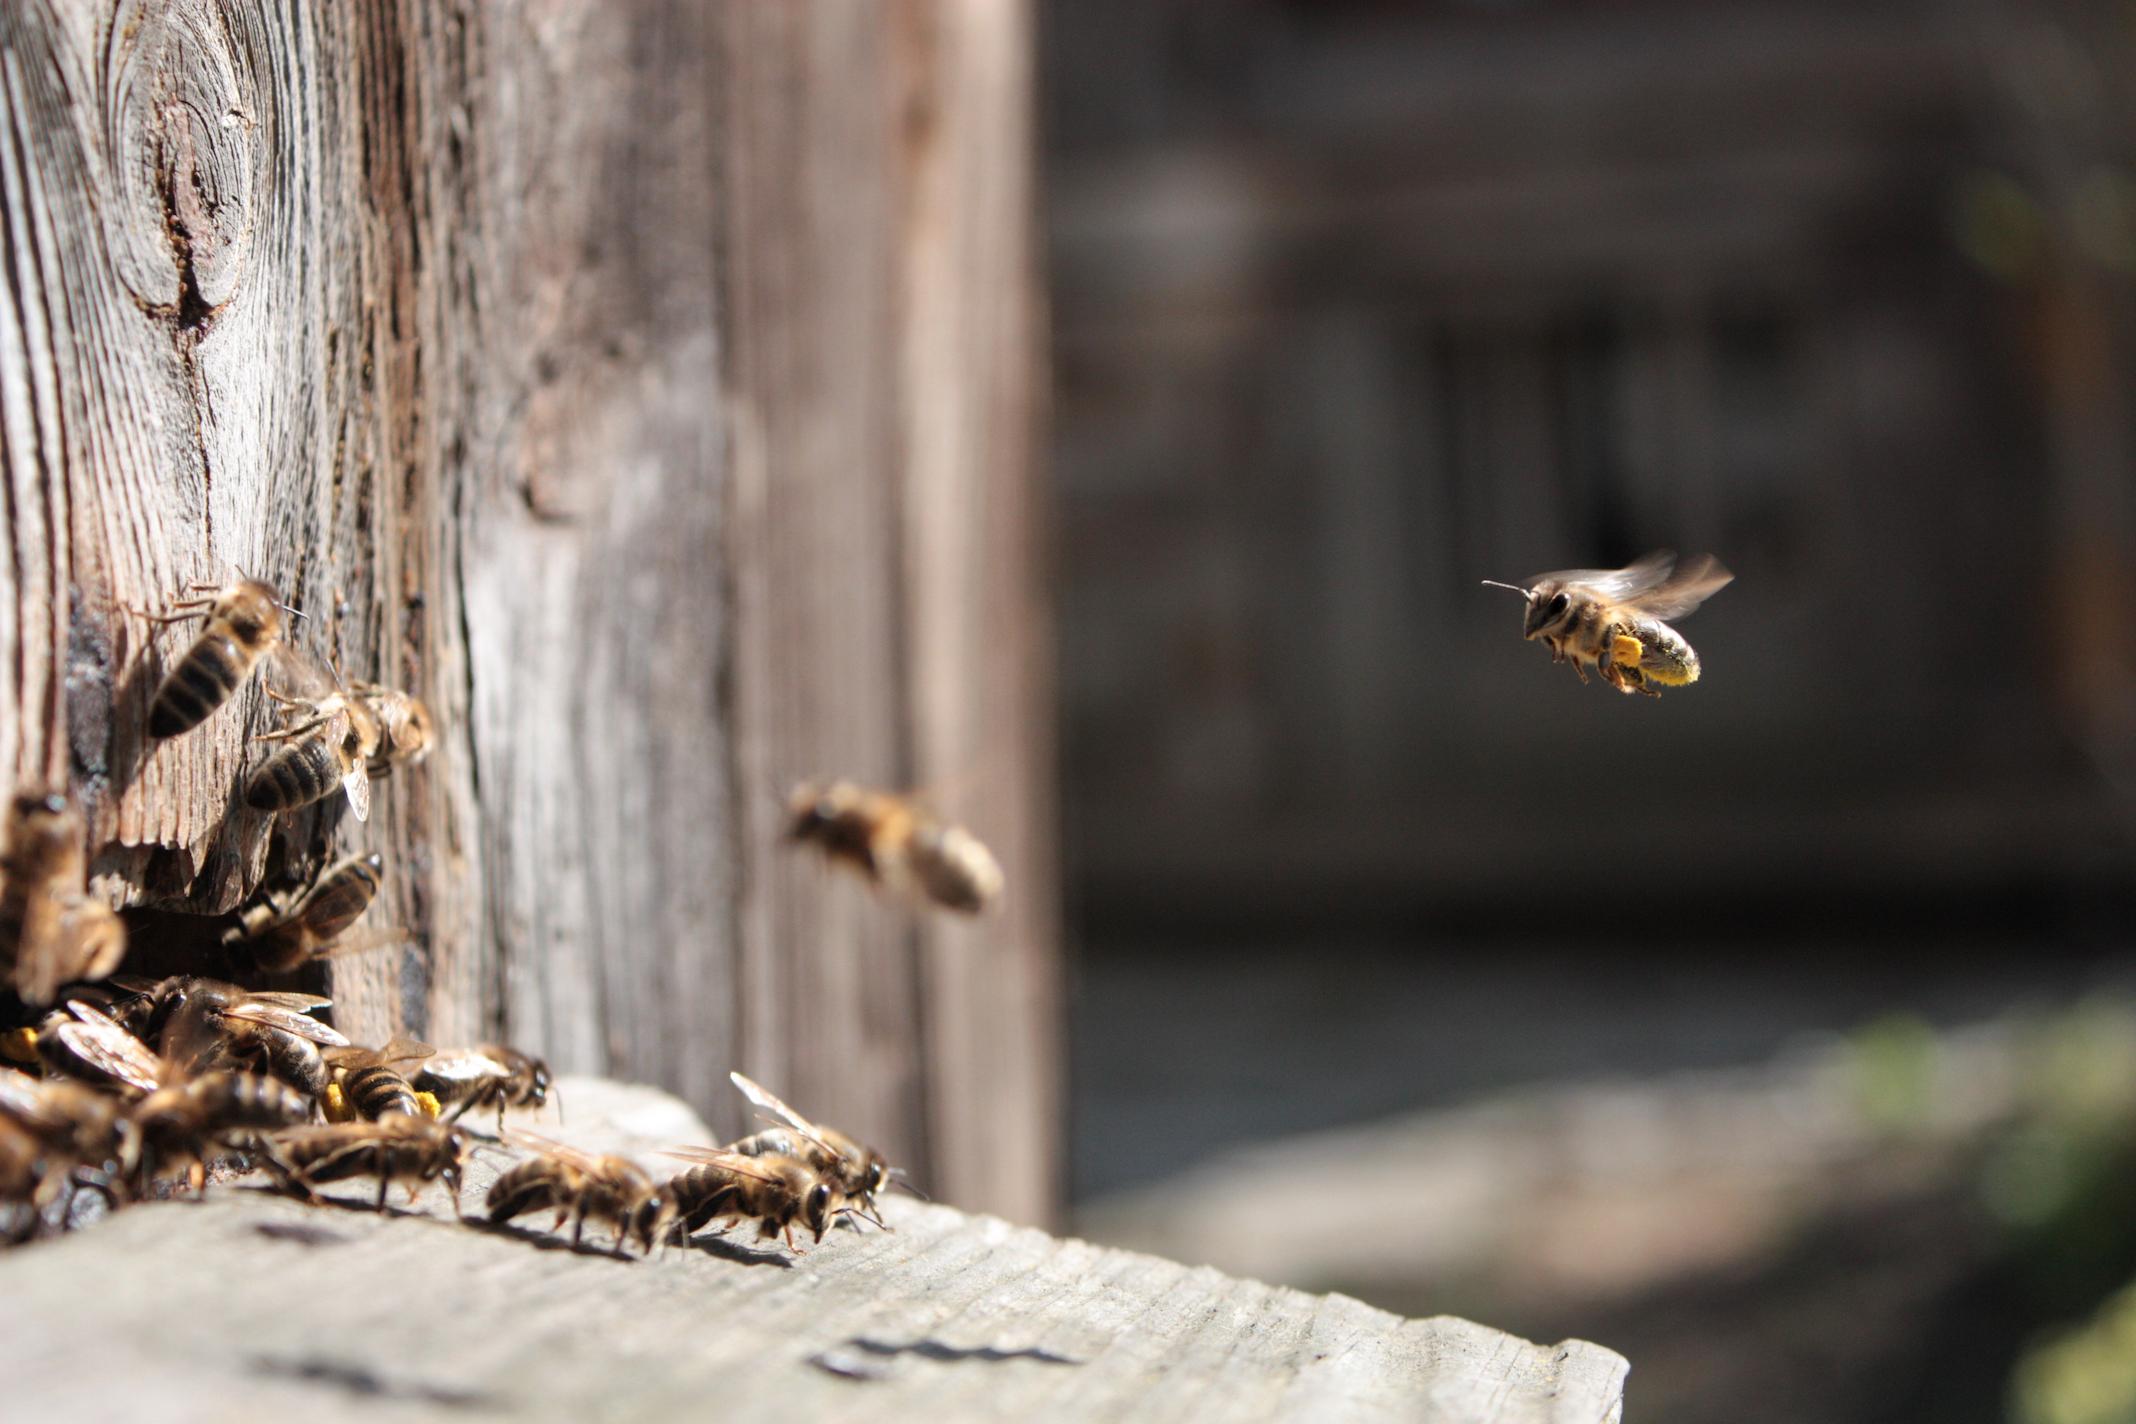 Les abeilles sont-elles dangereuses?